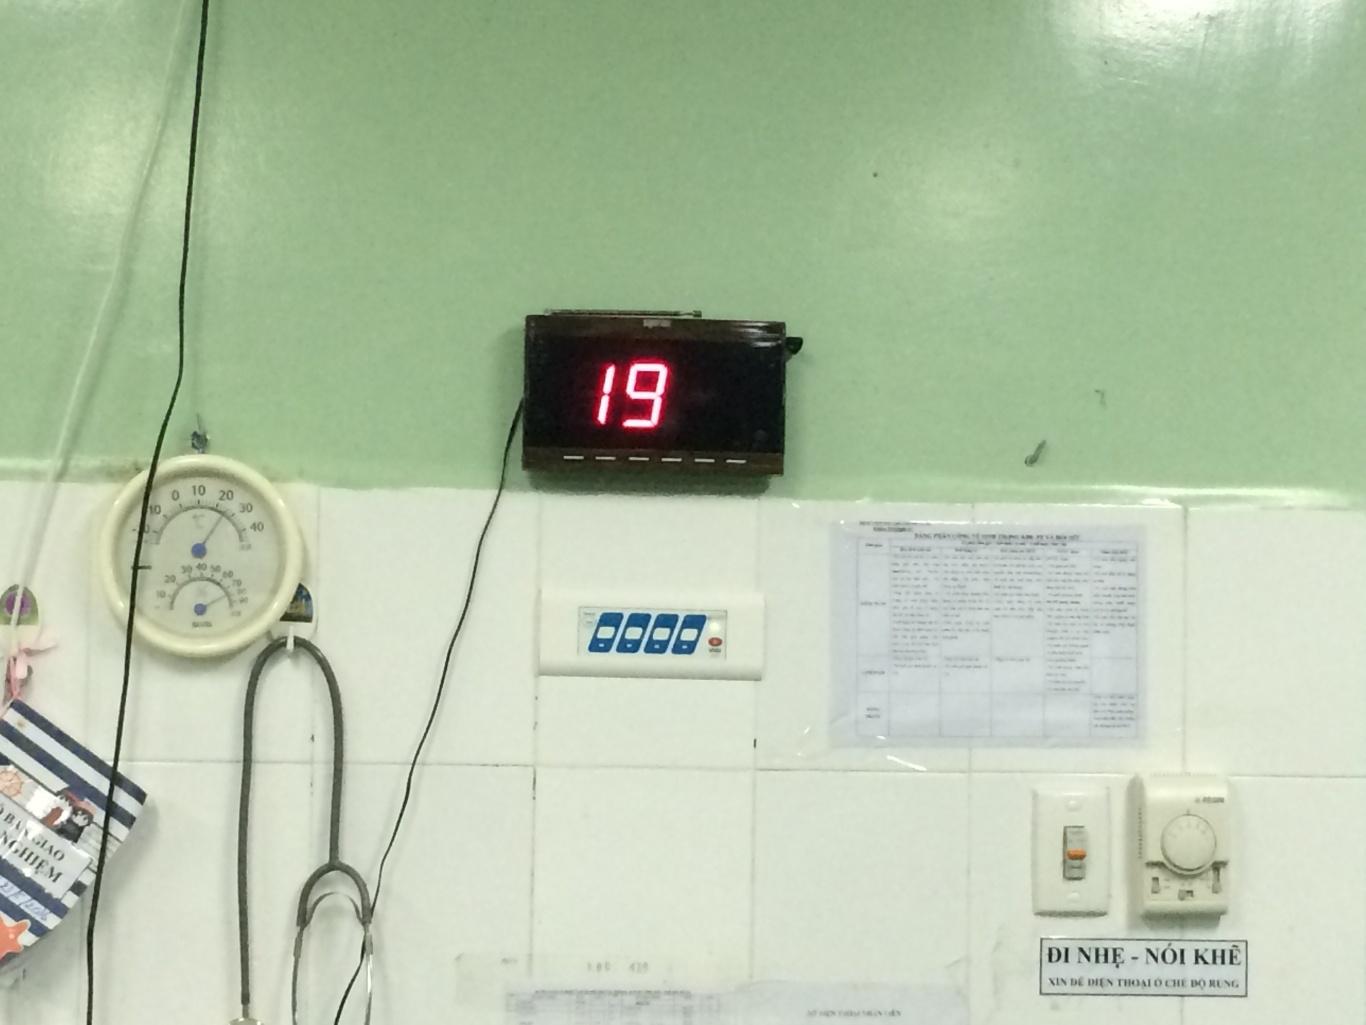 khoa gây mê hồi sức BVPS nhi Đà Nẵng đã lắp đặt màn hình hiển thị chuông gọi y tá SR-2003